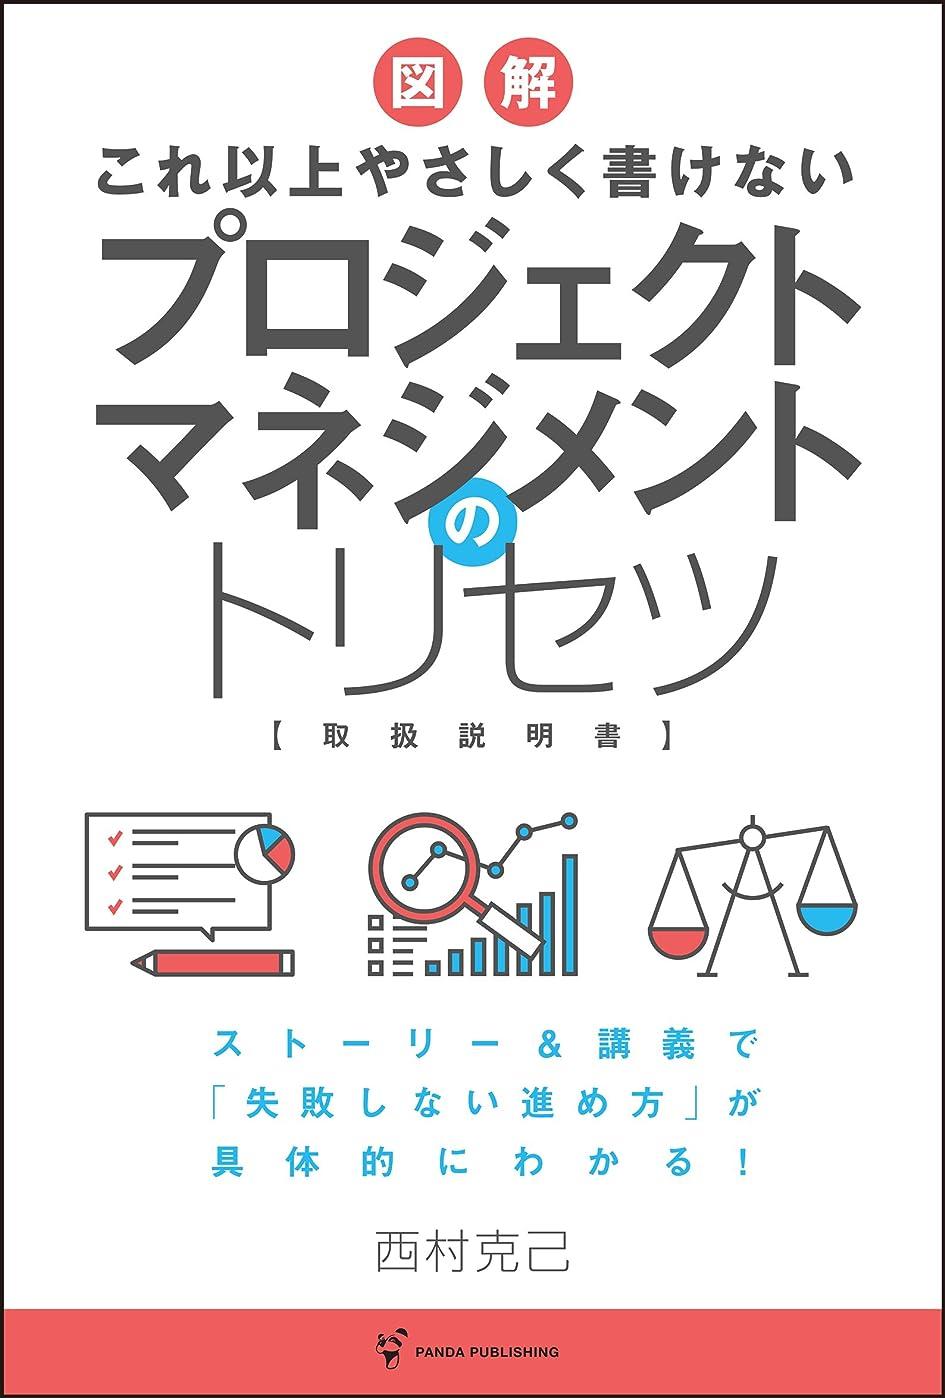 ホールドエレガント洗剤図解 これ以上やさしく書けない プロジェクトマネジメントのトリセツ (Panda Publishing)